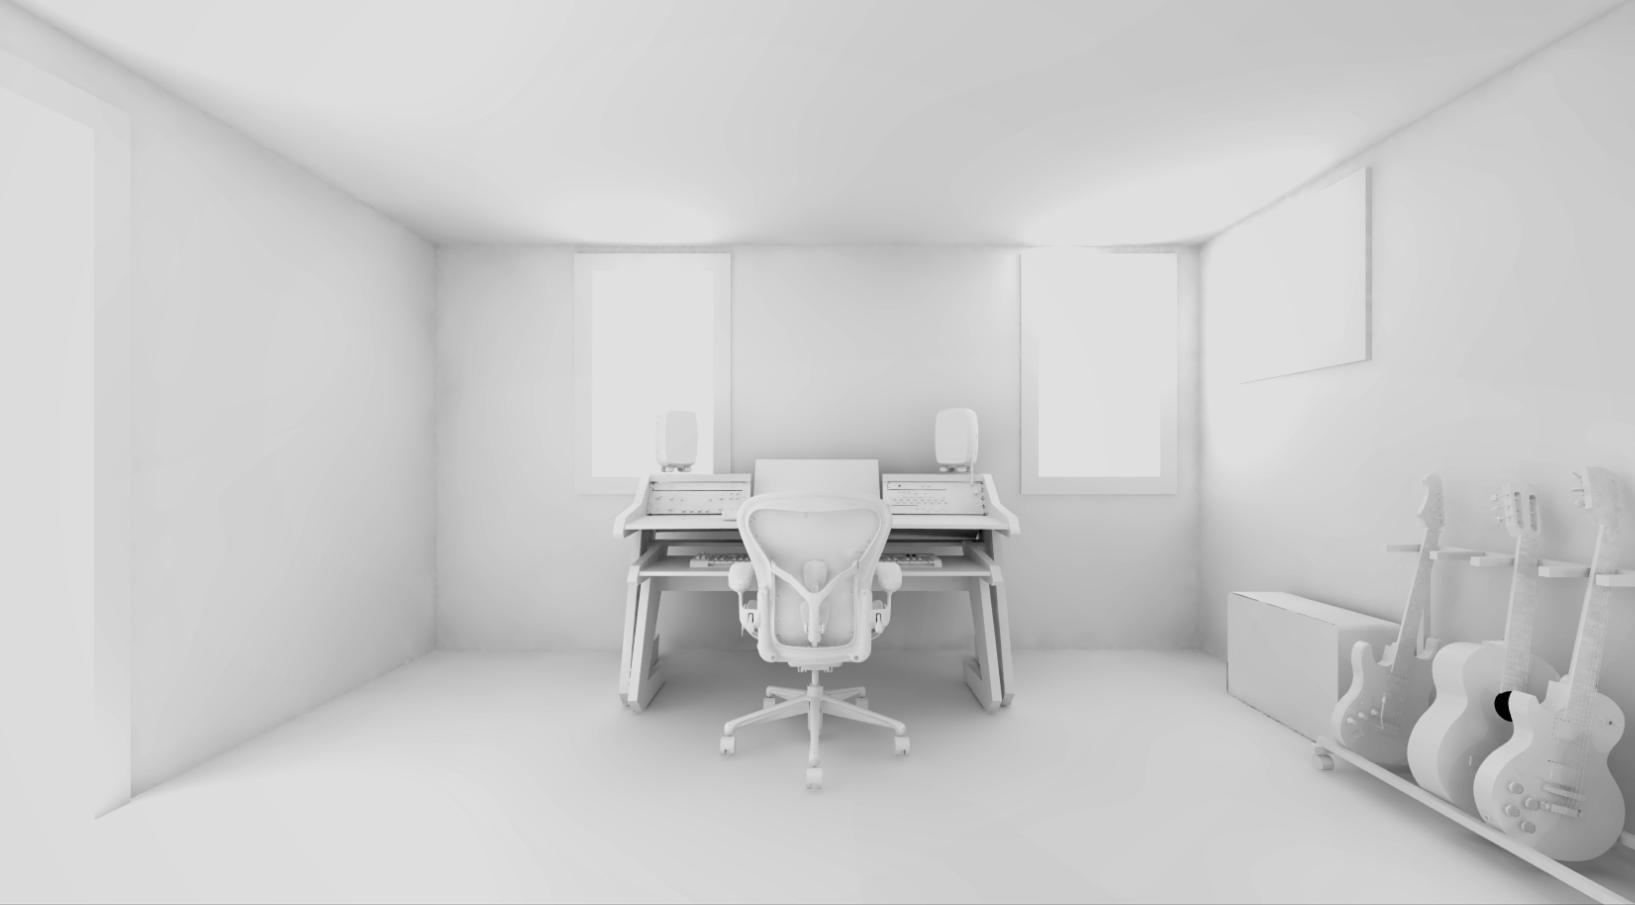 Client: Sam Ellis | Products/Services: Acoustic Treatment, Acoustic Design & Installation